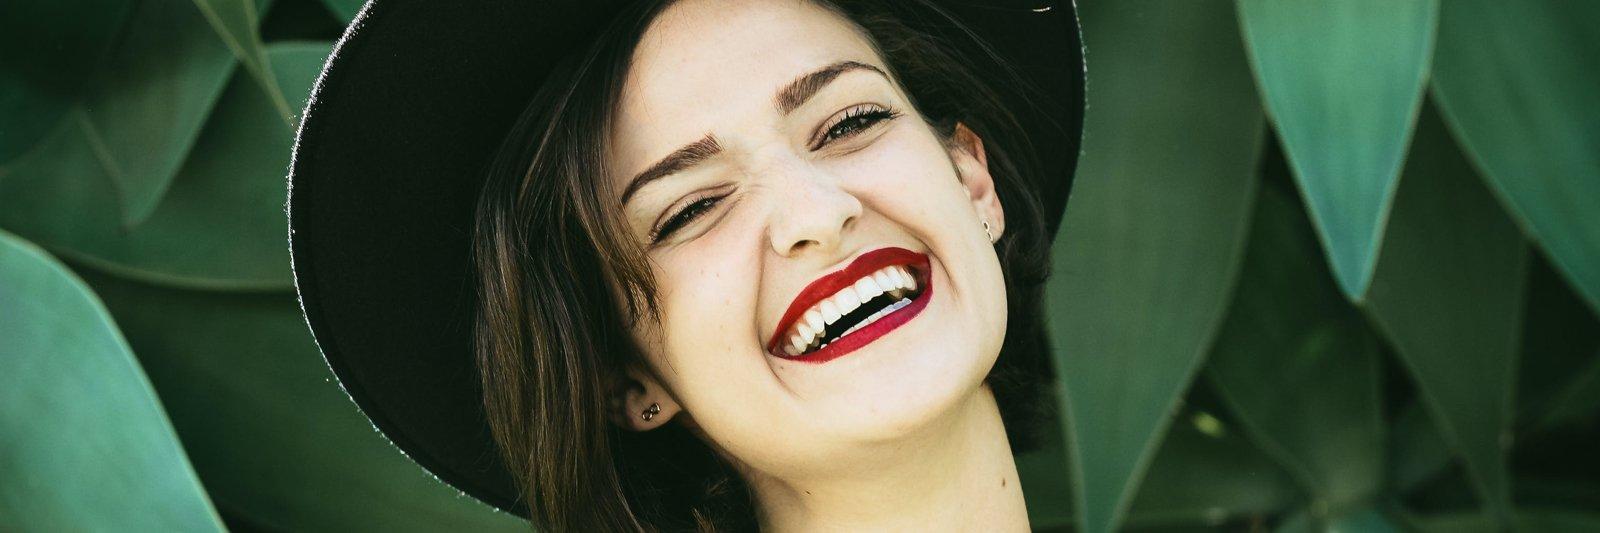 Tandbehandling af høj kvalitet sikrer dig sunde og flotte tænder